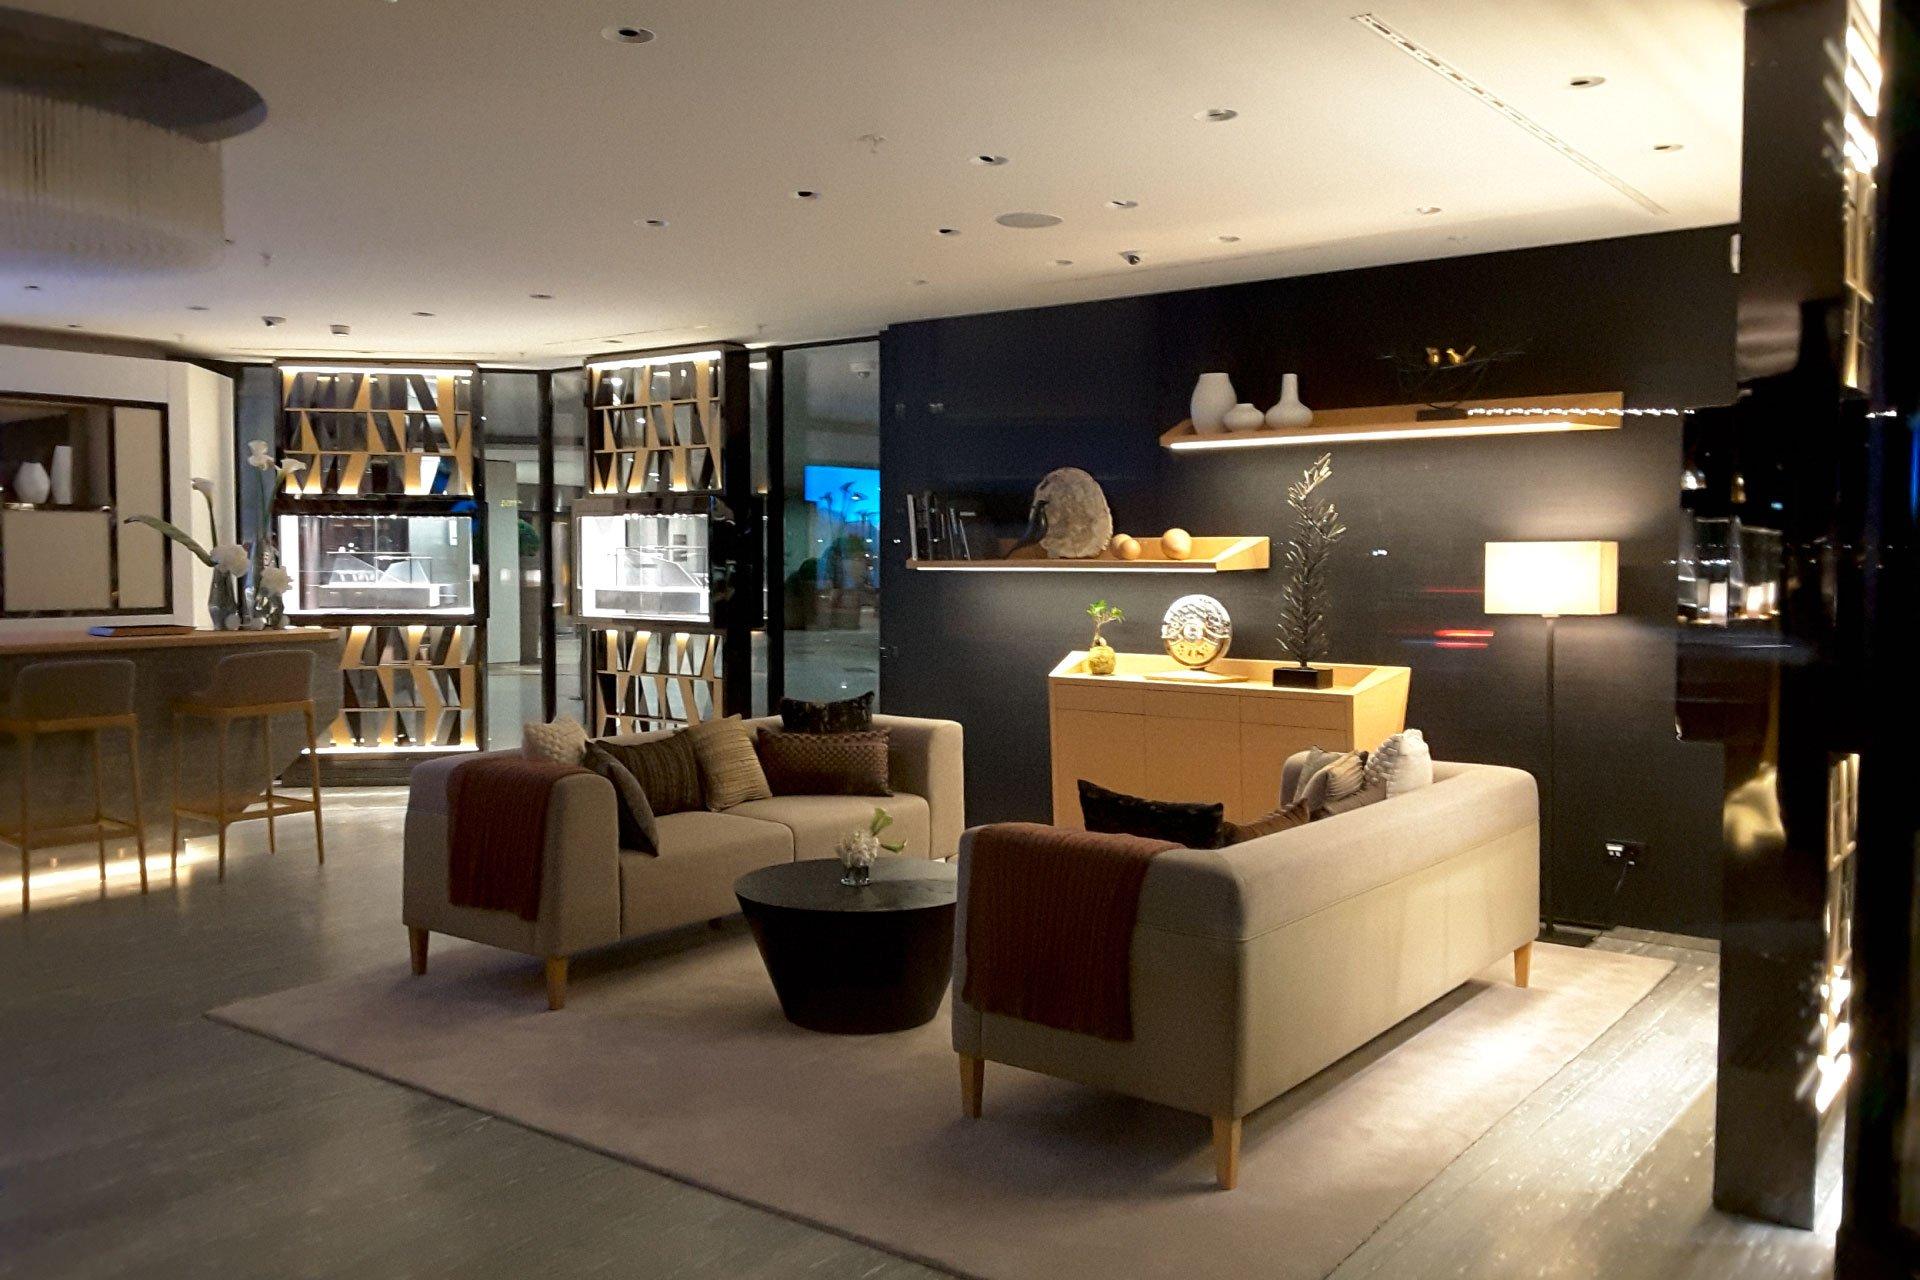 Kempinsky Hotel Geneve